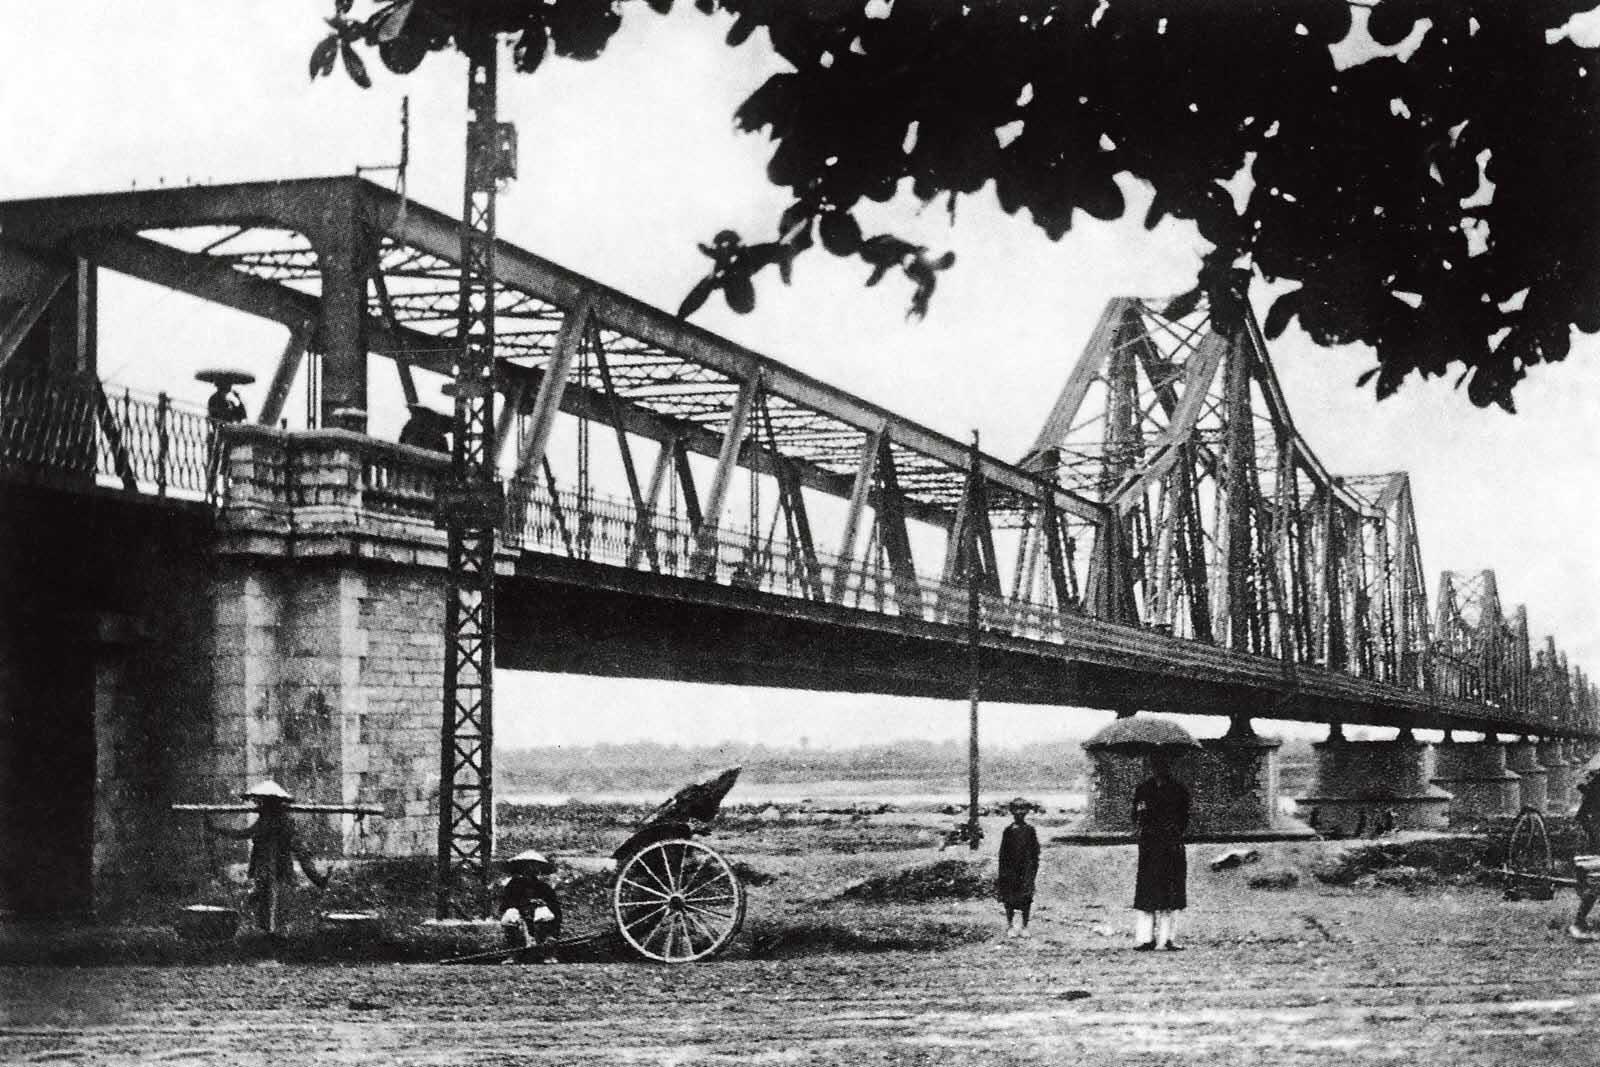 Hình ảnh đẹp về Hà Nội xưa-cầu Long Biên